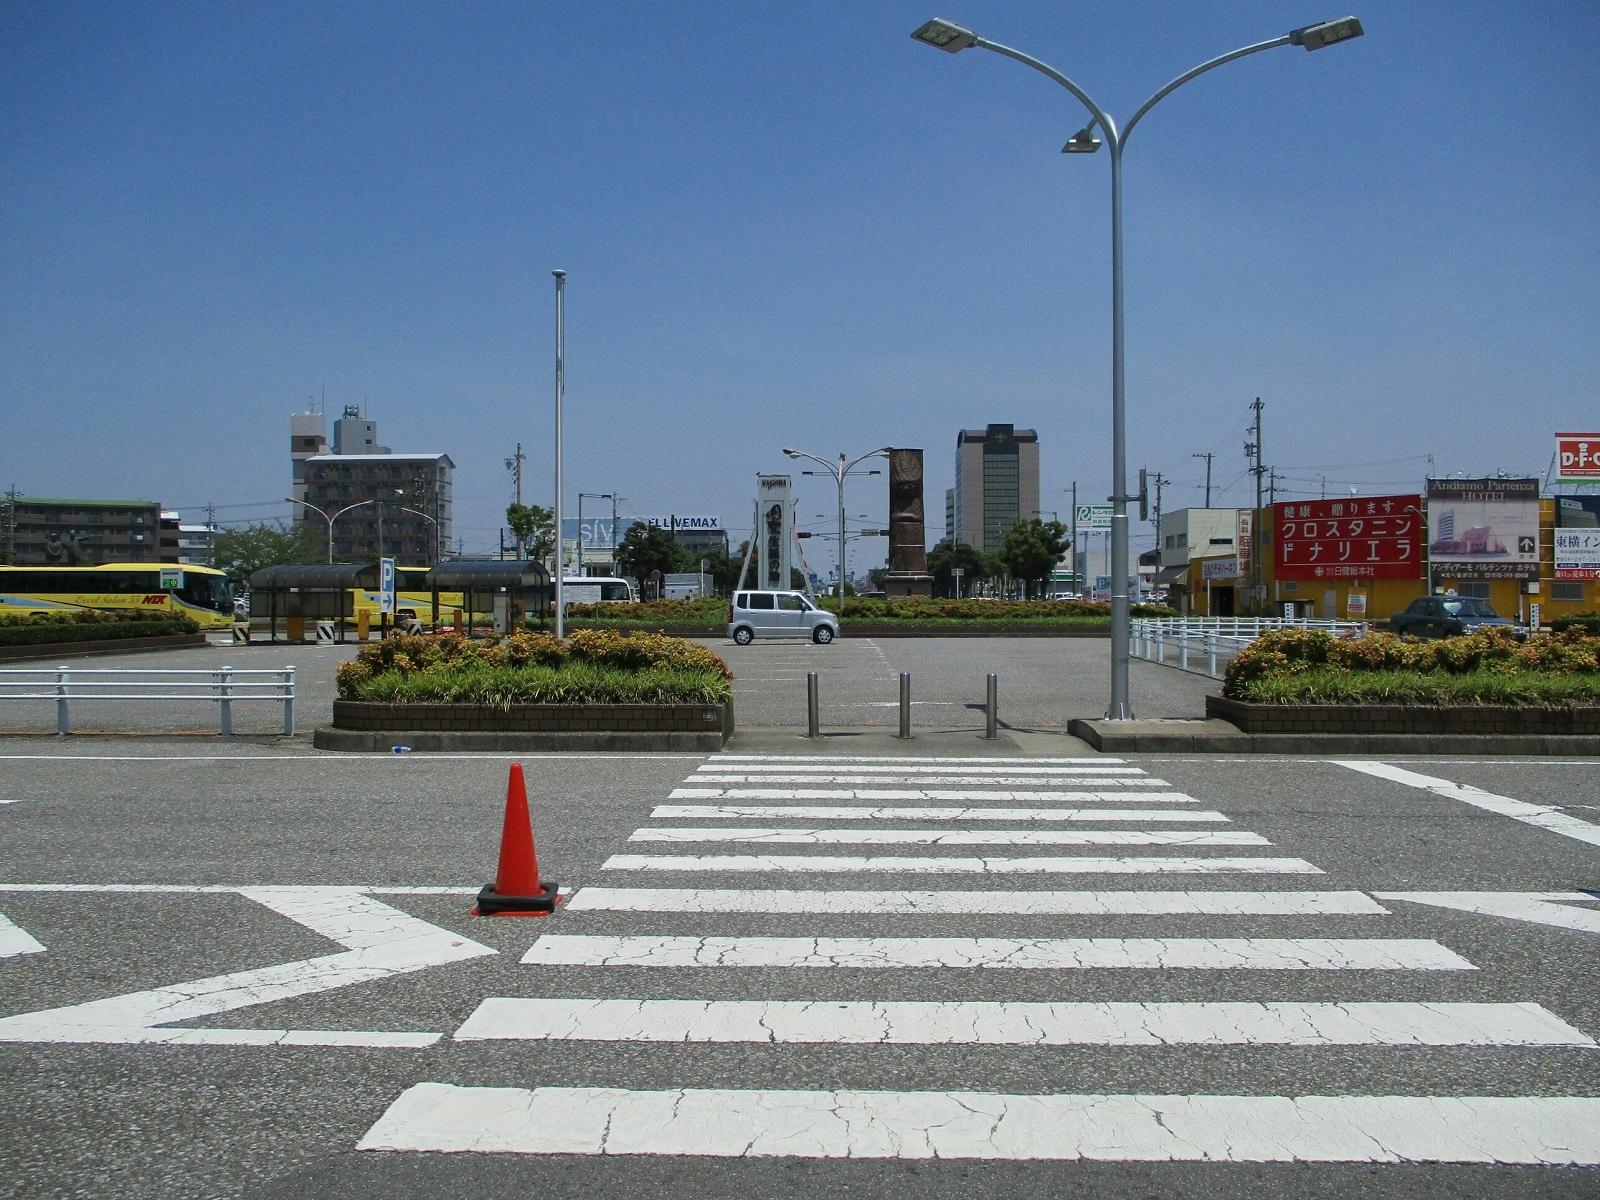 2018.7.18 (98) 岐阜羽島 - きたぐちロータリー 1600-1200